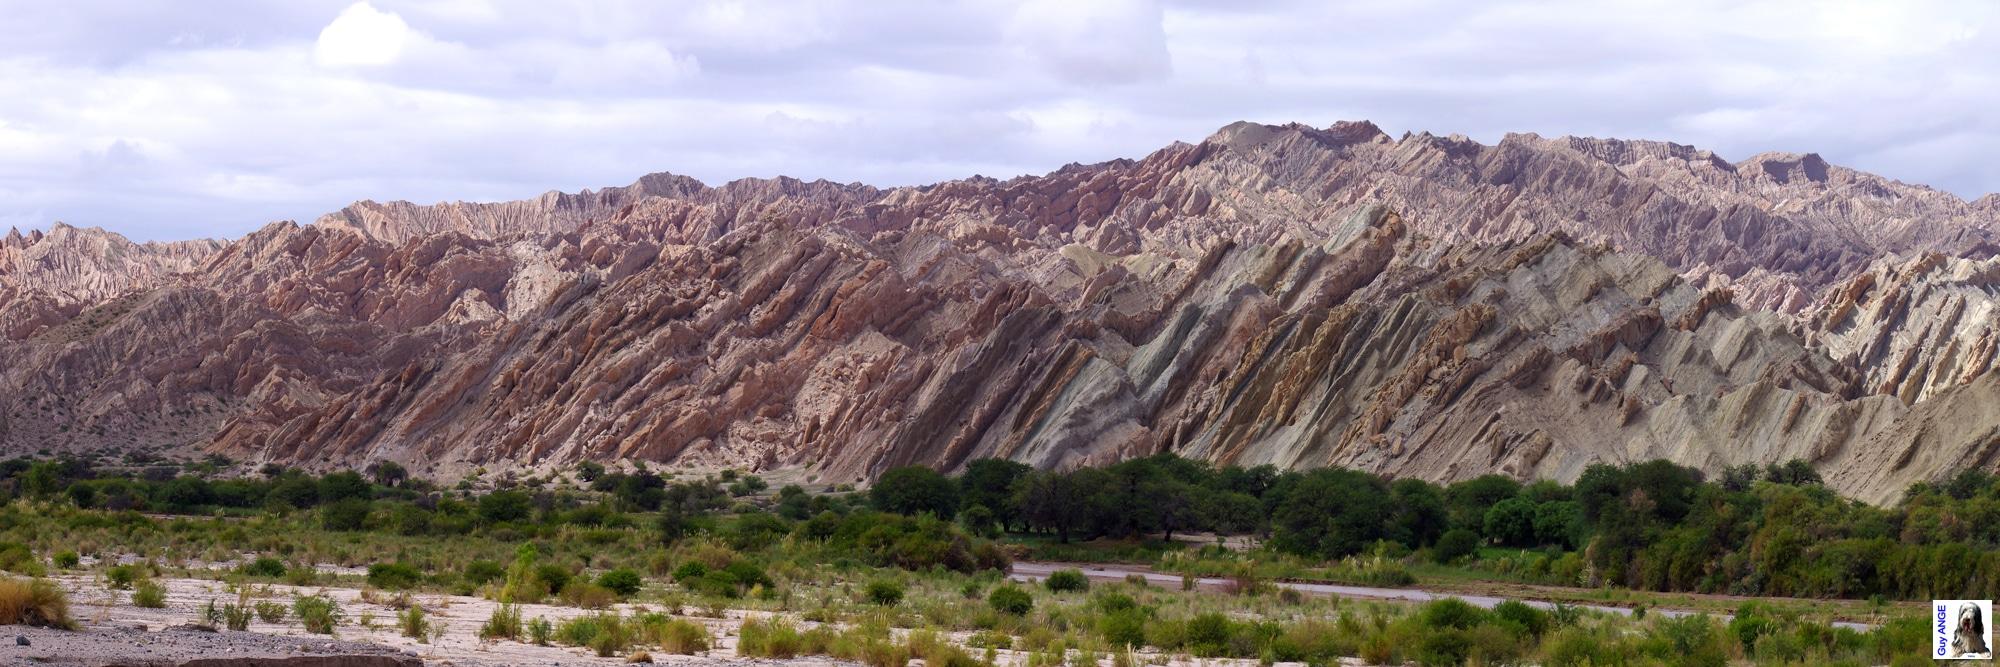 Argentine, Région de la Puna. Formation rocheuse vers Santa Rosa.